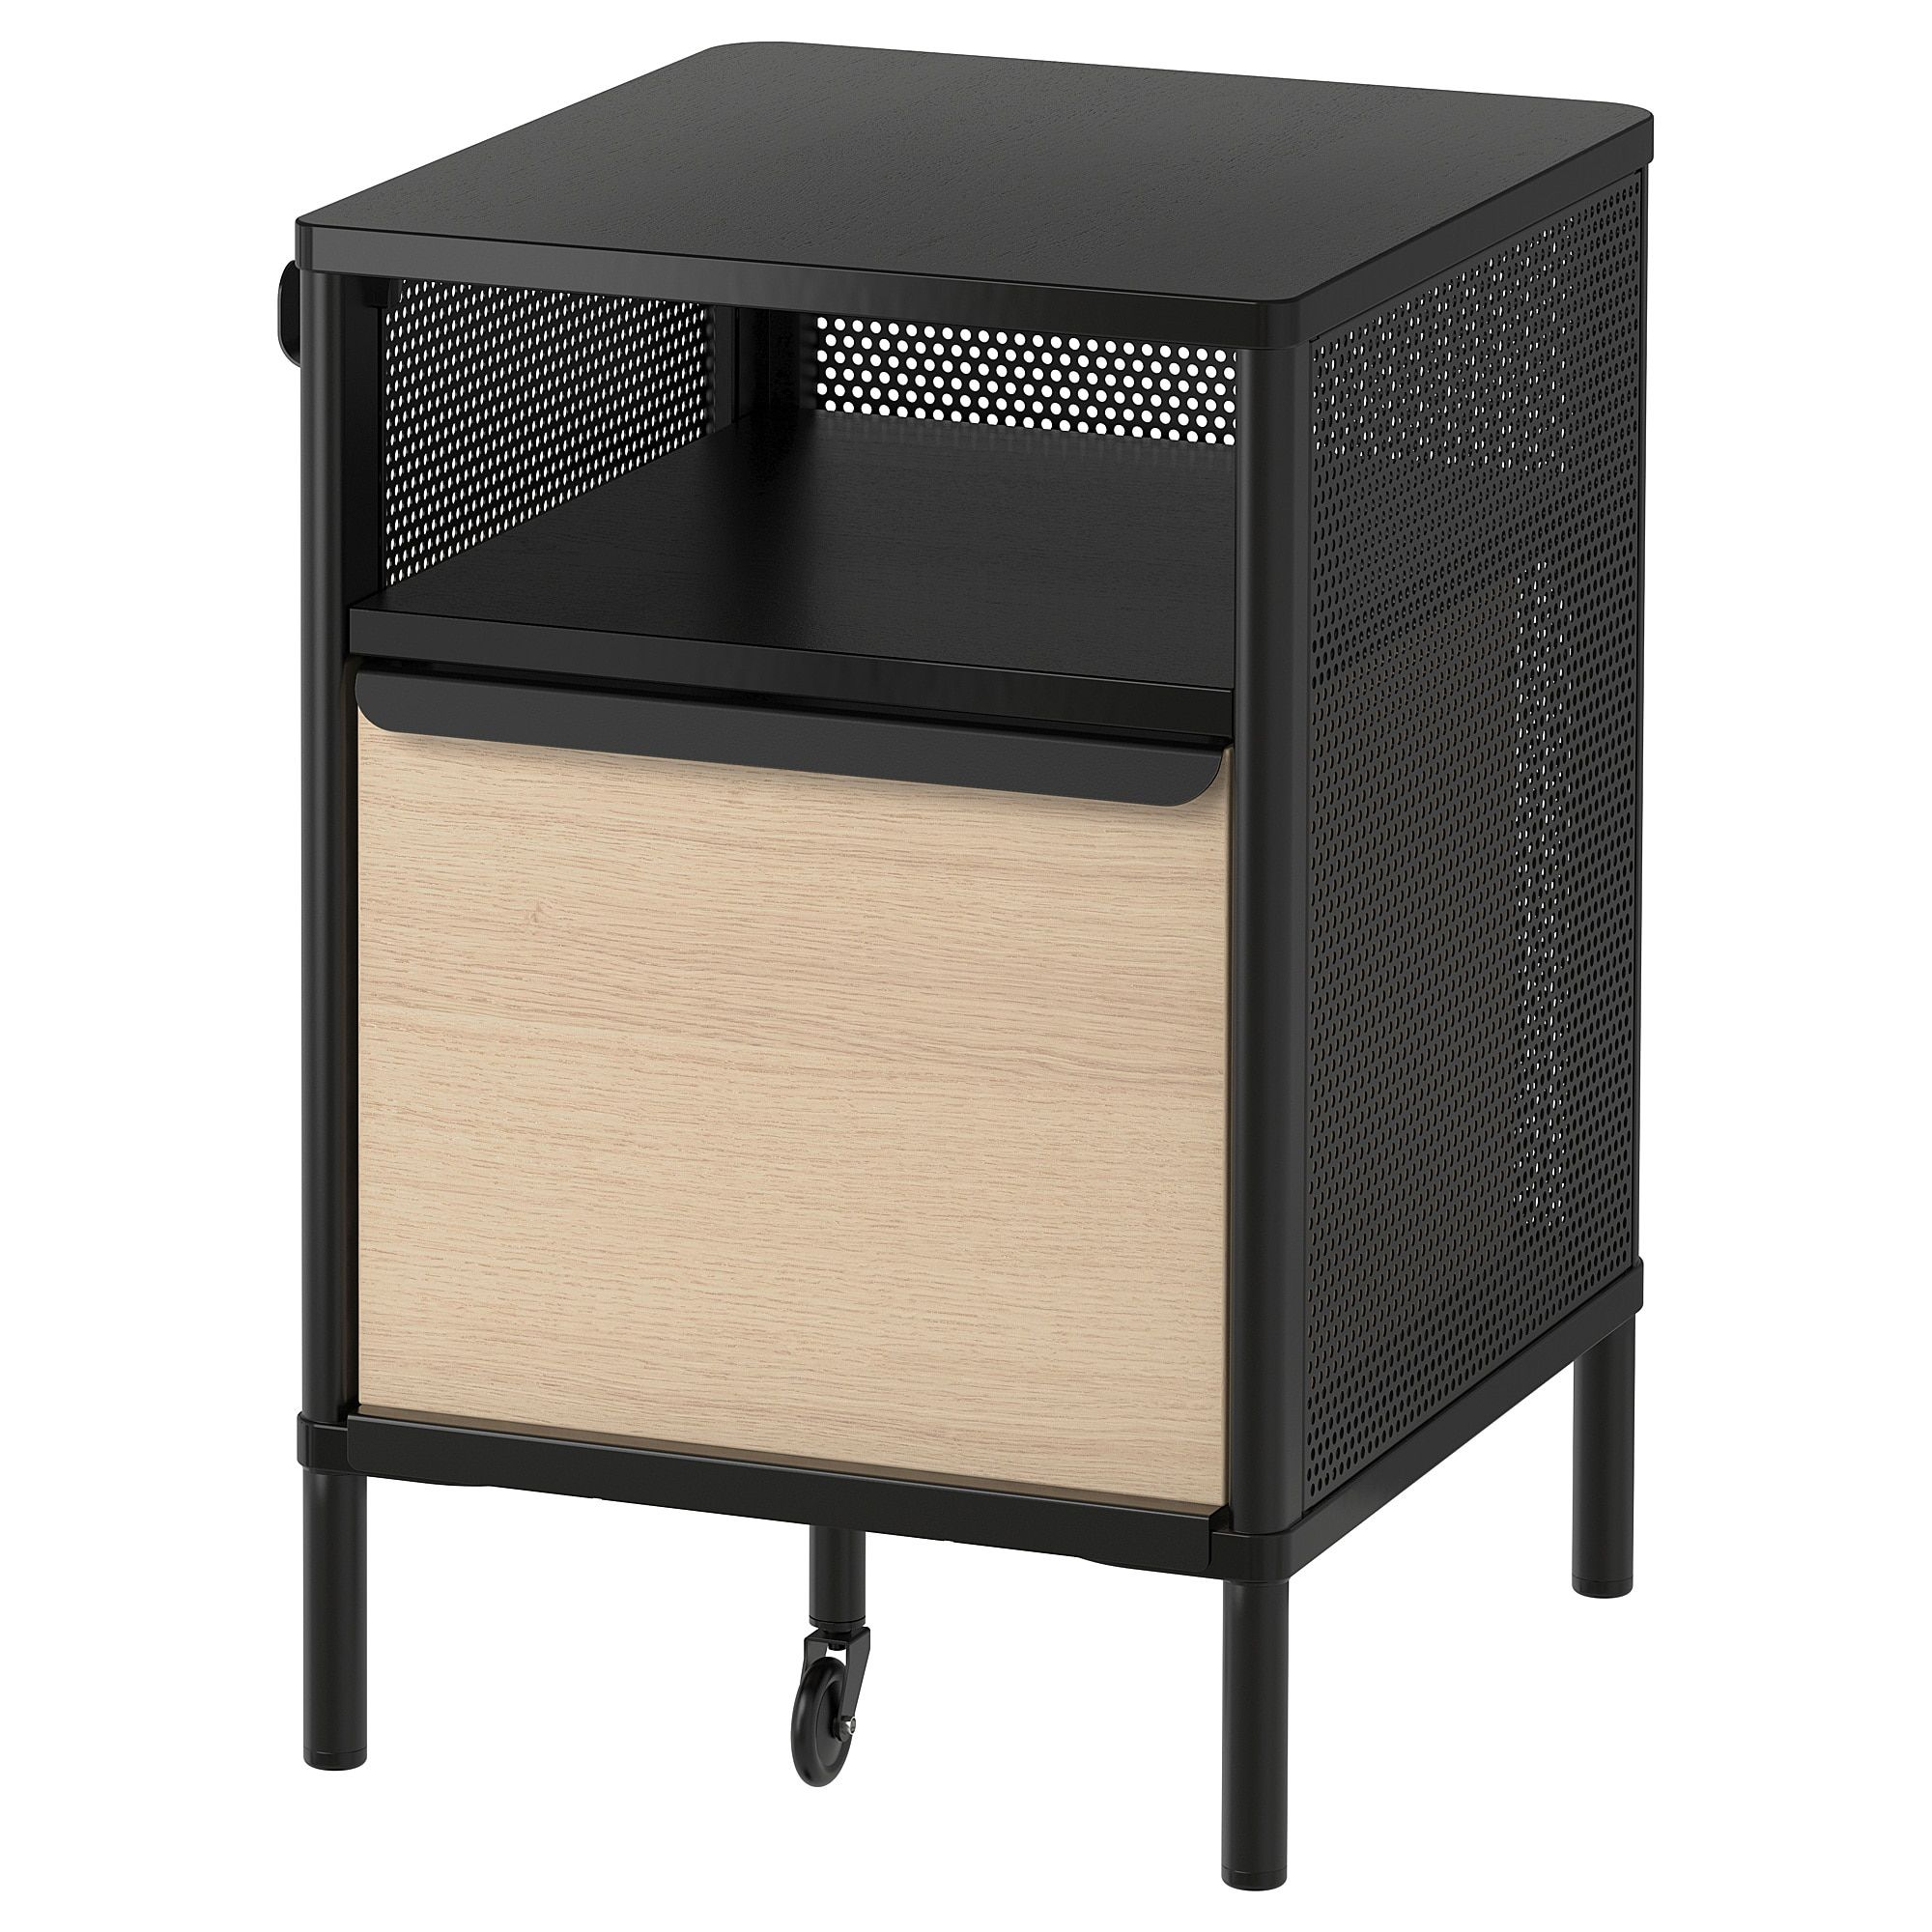 Cassettiere Di Plastica Ikea.Bekant Mobile Con Serratura Smart Rete Nero Contenitori Vari